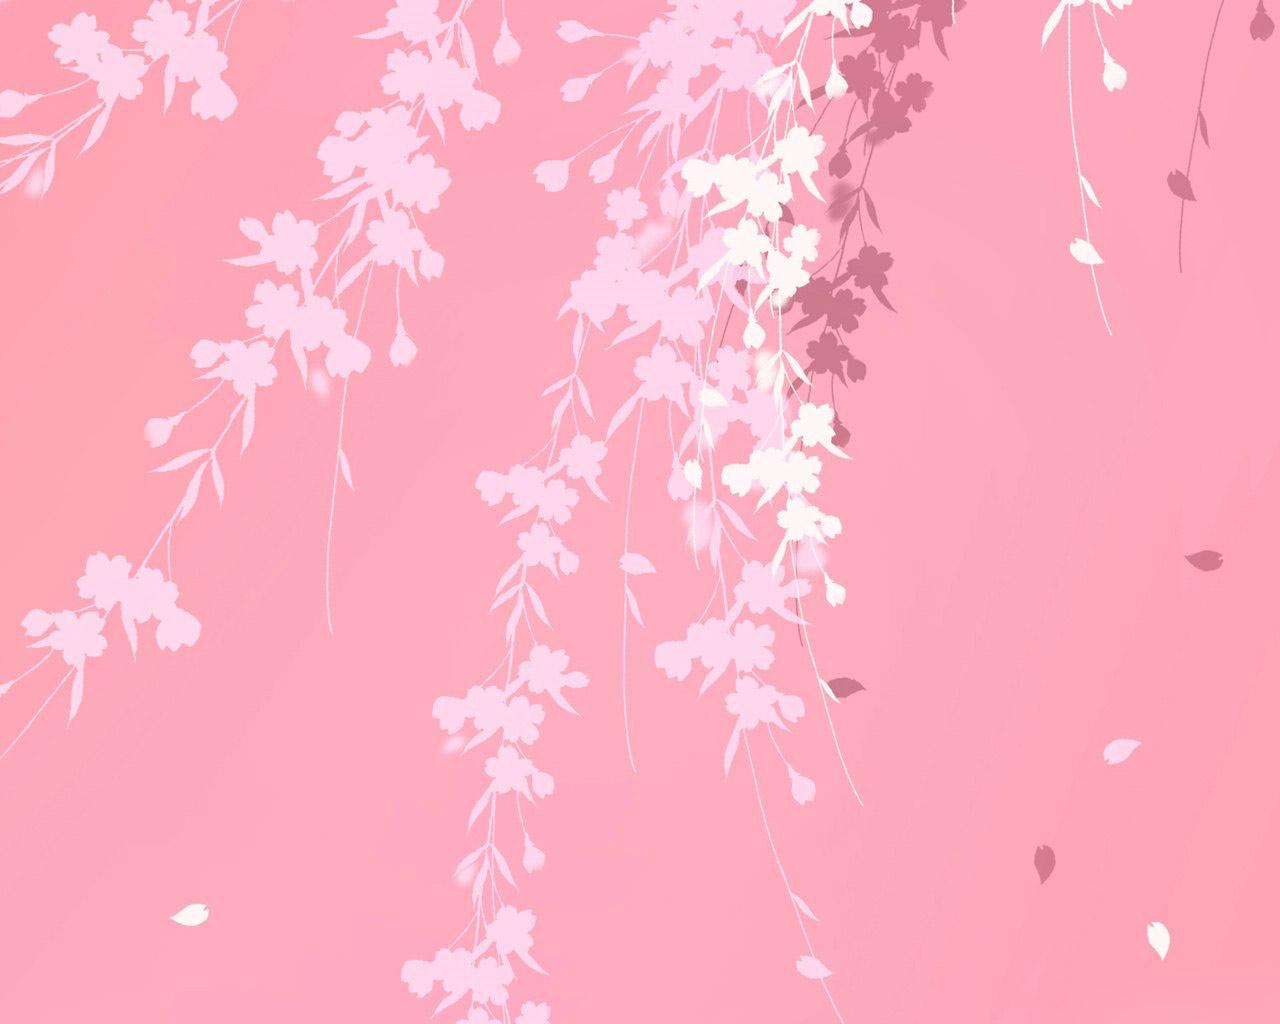 windows 7 hd Wallpaper High Quality WallpapersWallpaper Desktop 1280x1024